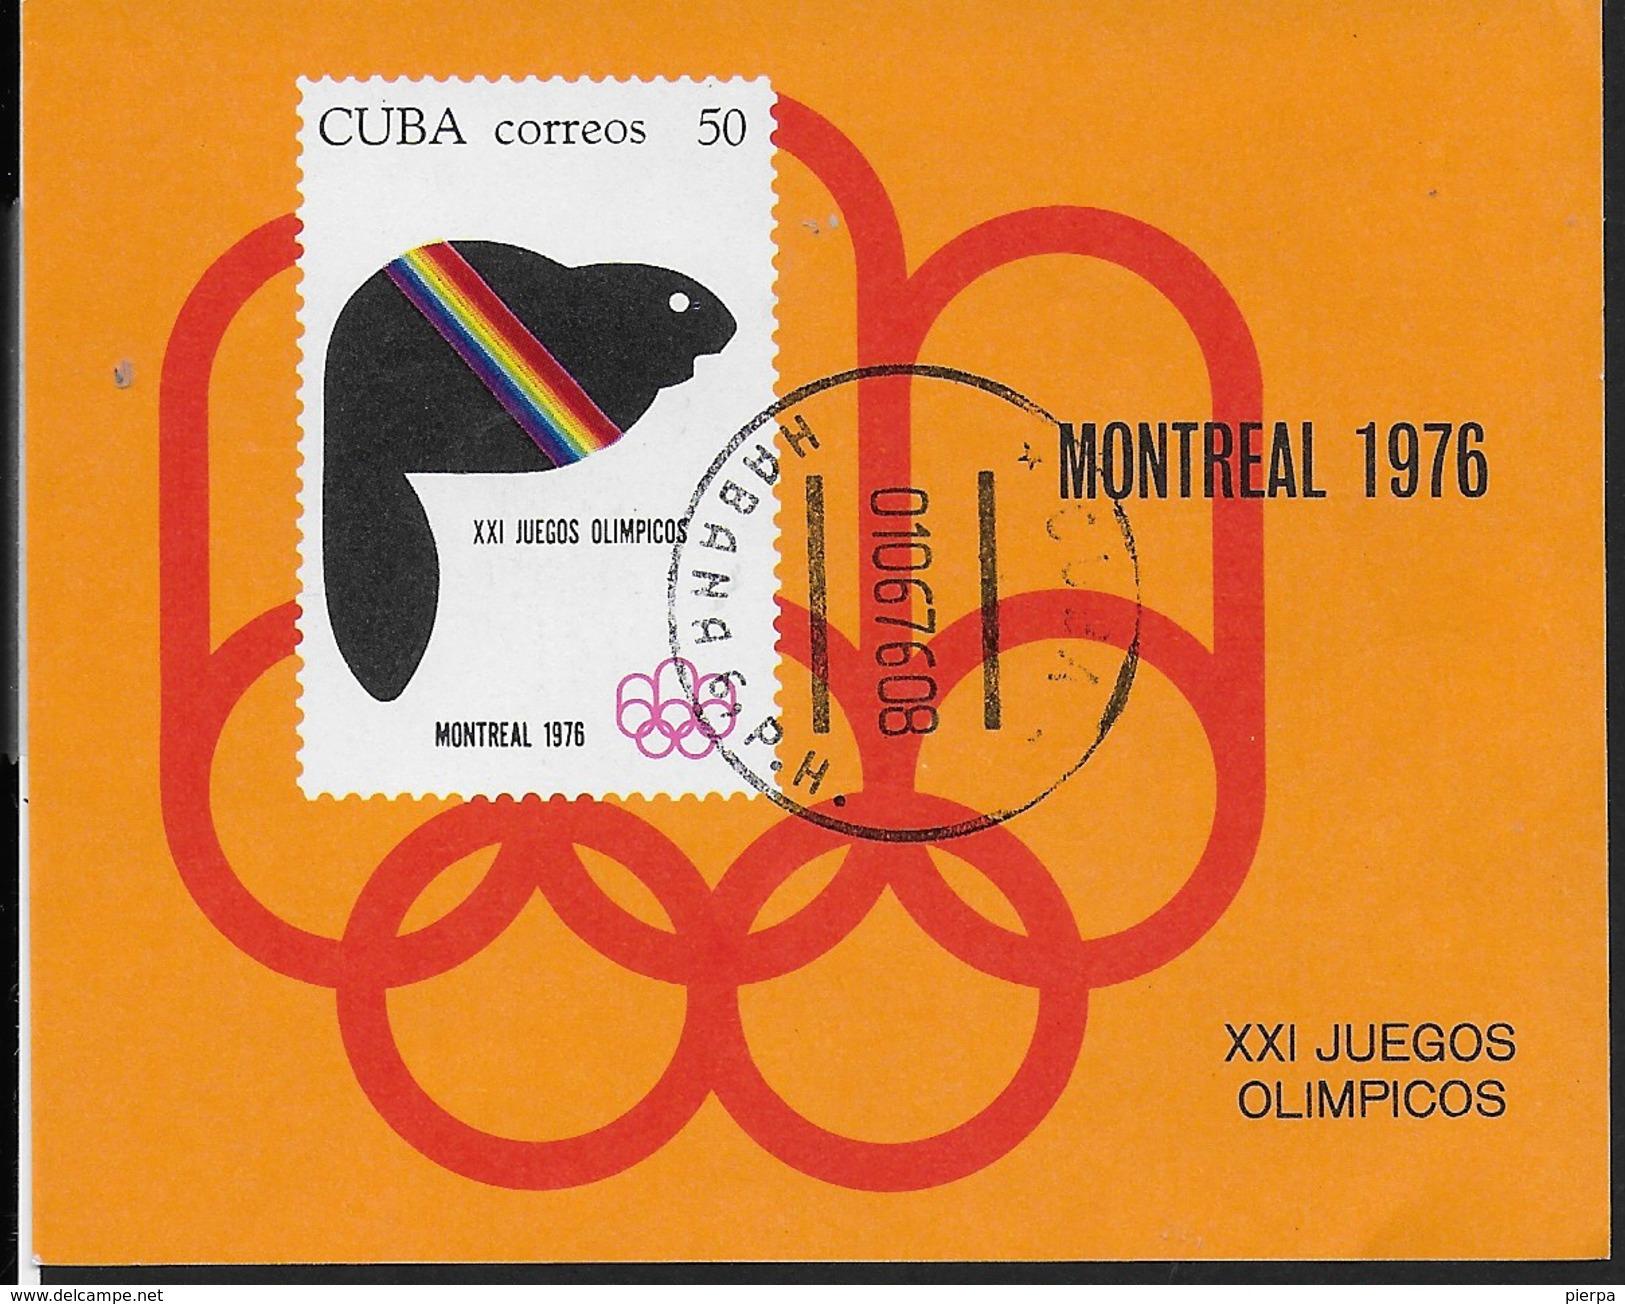 CUBA - XXI GIOCHI OLIMPICI A MONTREAL 1976 -  FOGLIETTO USATO - Sommer 1976: Montreal